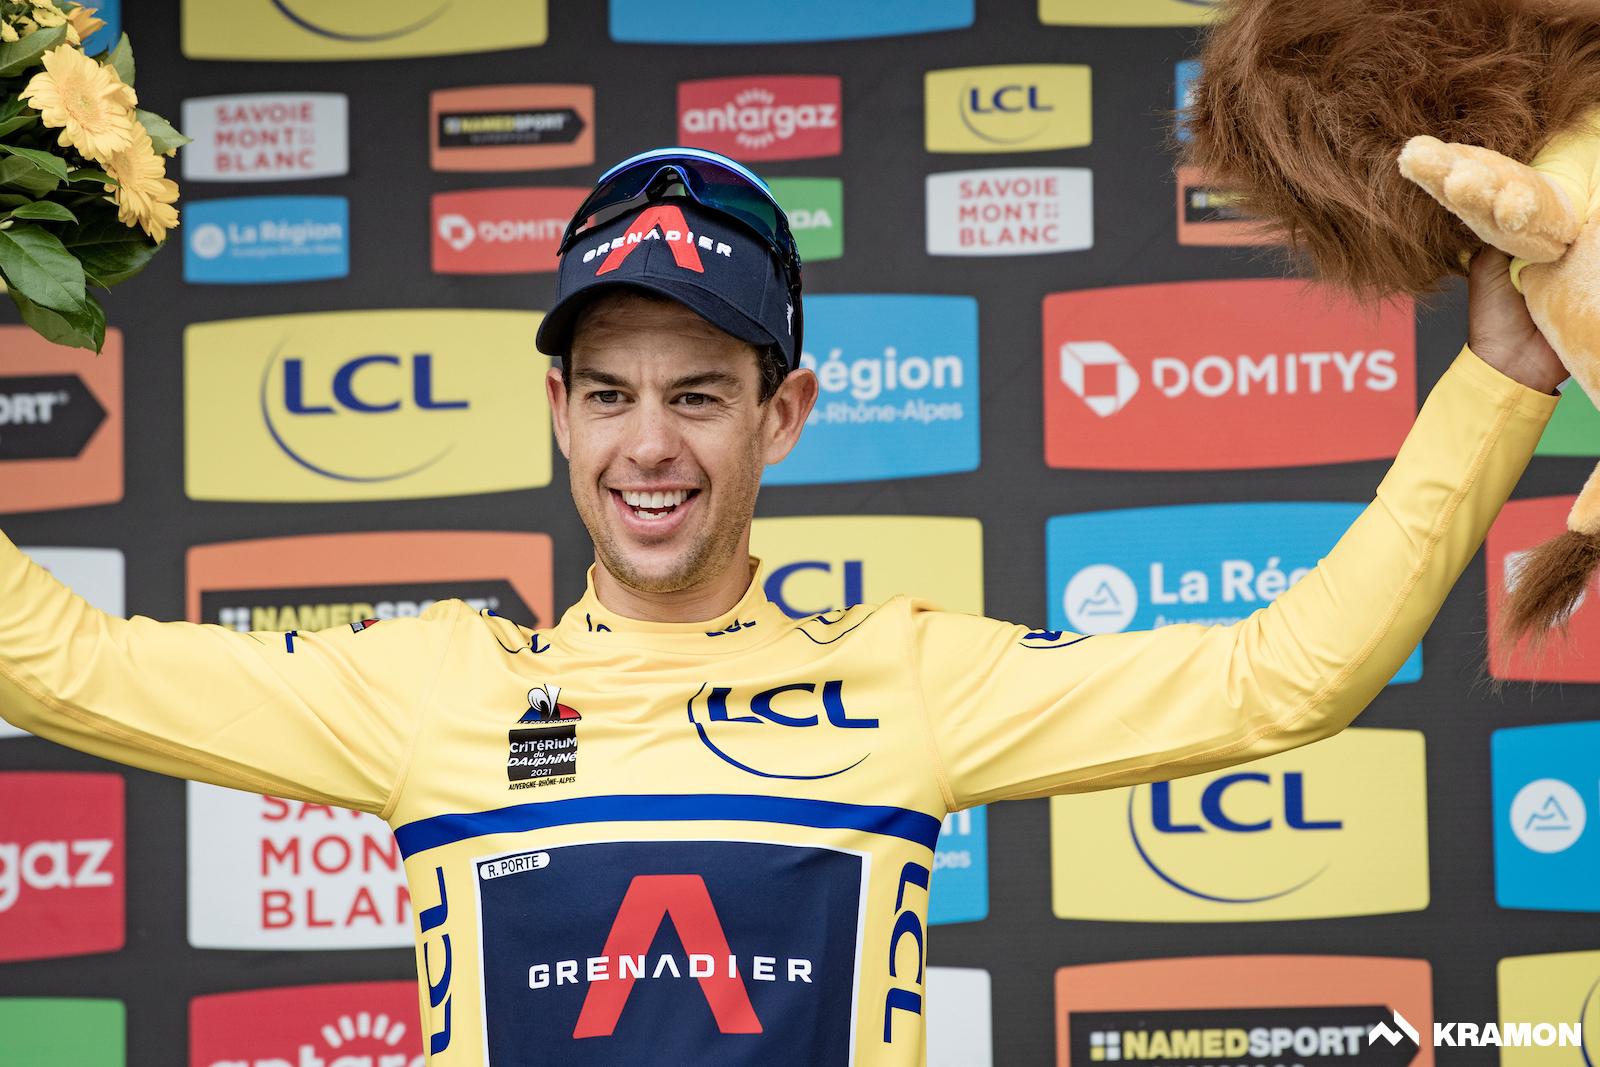 Fragen und Antworten: Richie Porte zu seinem Dauphiné-Sieg und seinen Aussichten auf die Tour de France